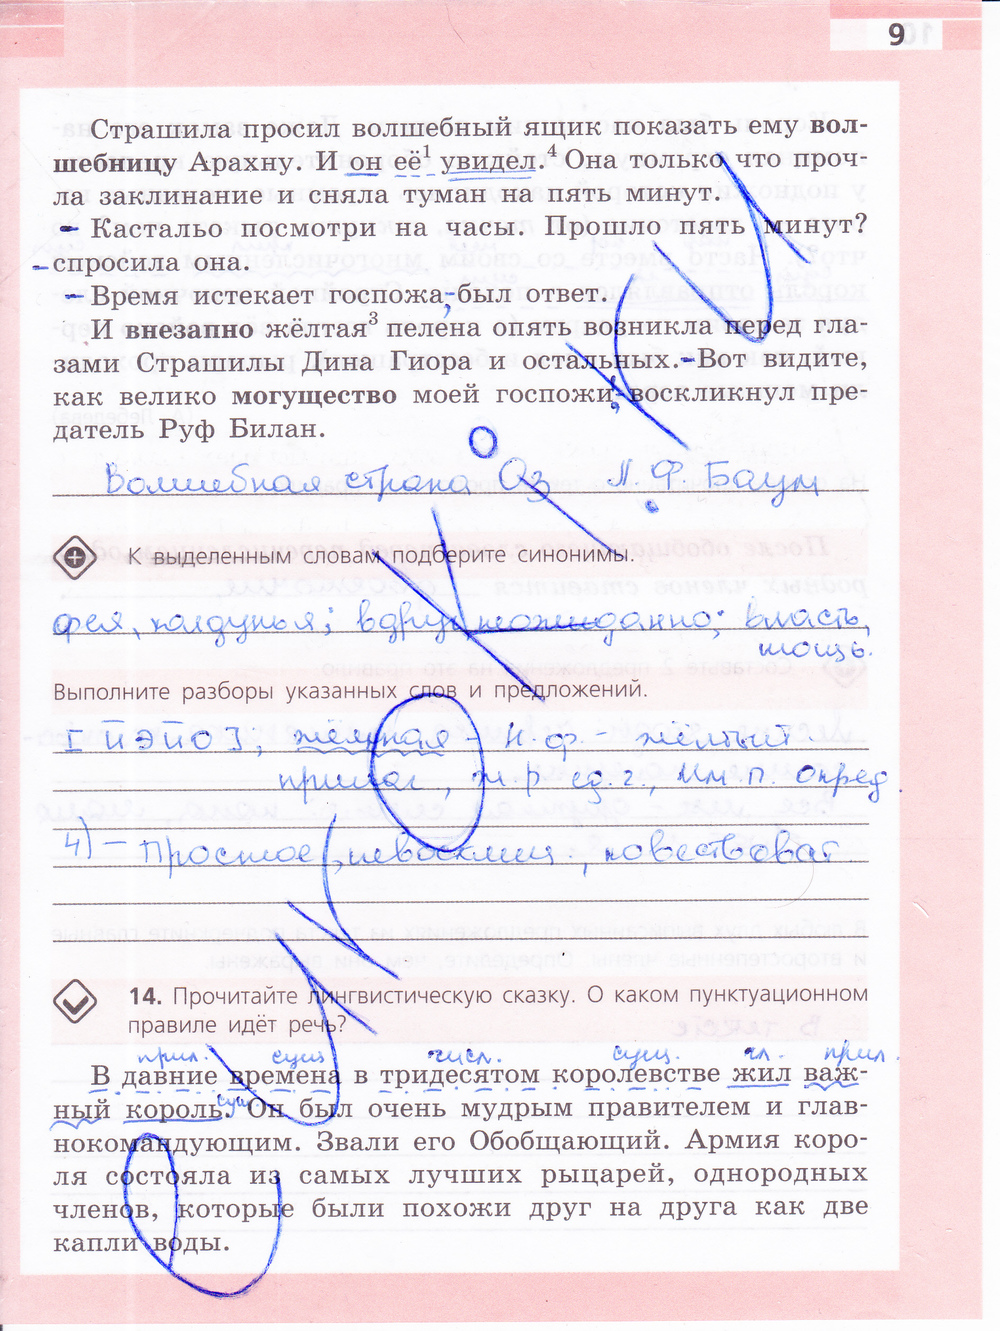 гдз по русскому рабочая тетрадь 9 класс ефремова рабочая тетрадь